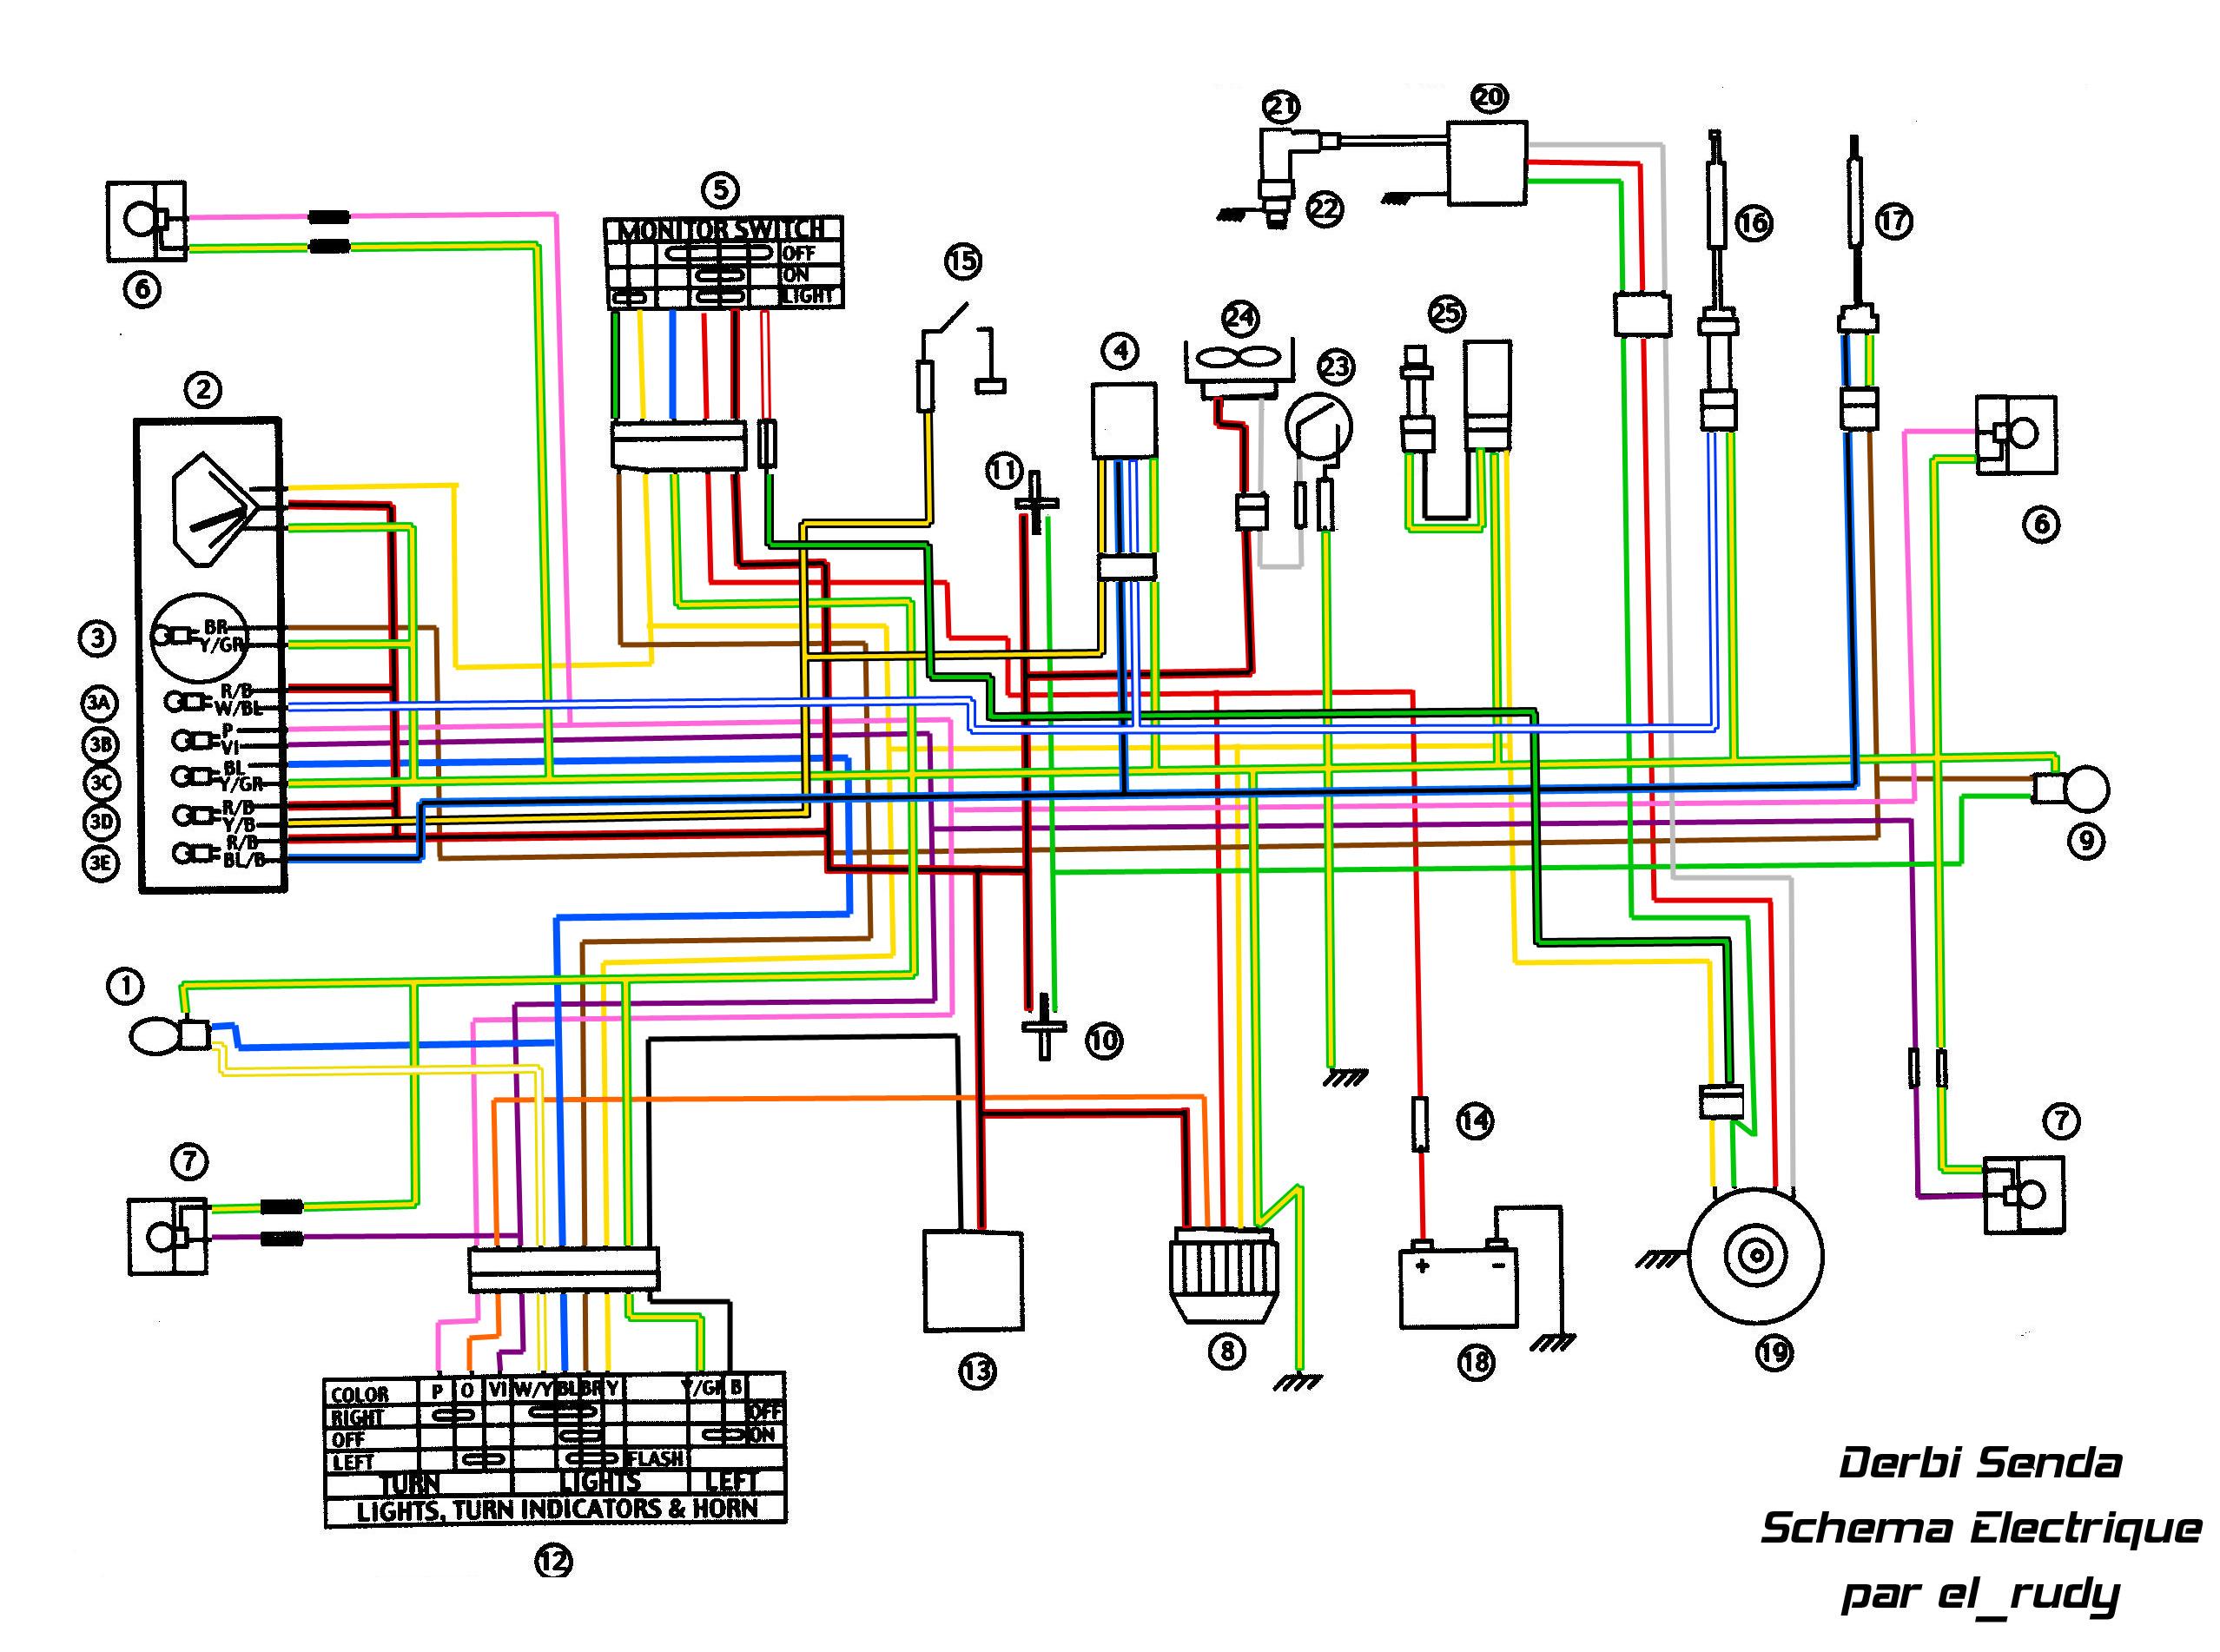 vw polo 6n wiring diagram intel 945 motherboard circuit schémas électrique de 50 à boite mecacustom